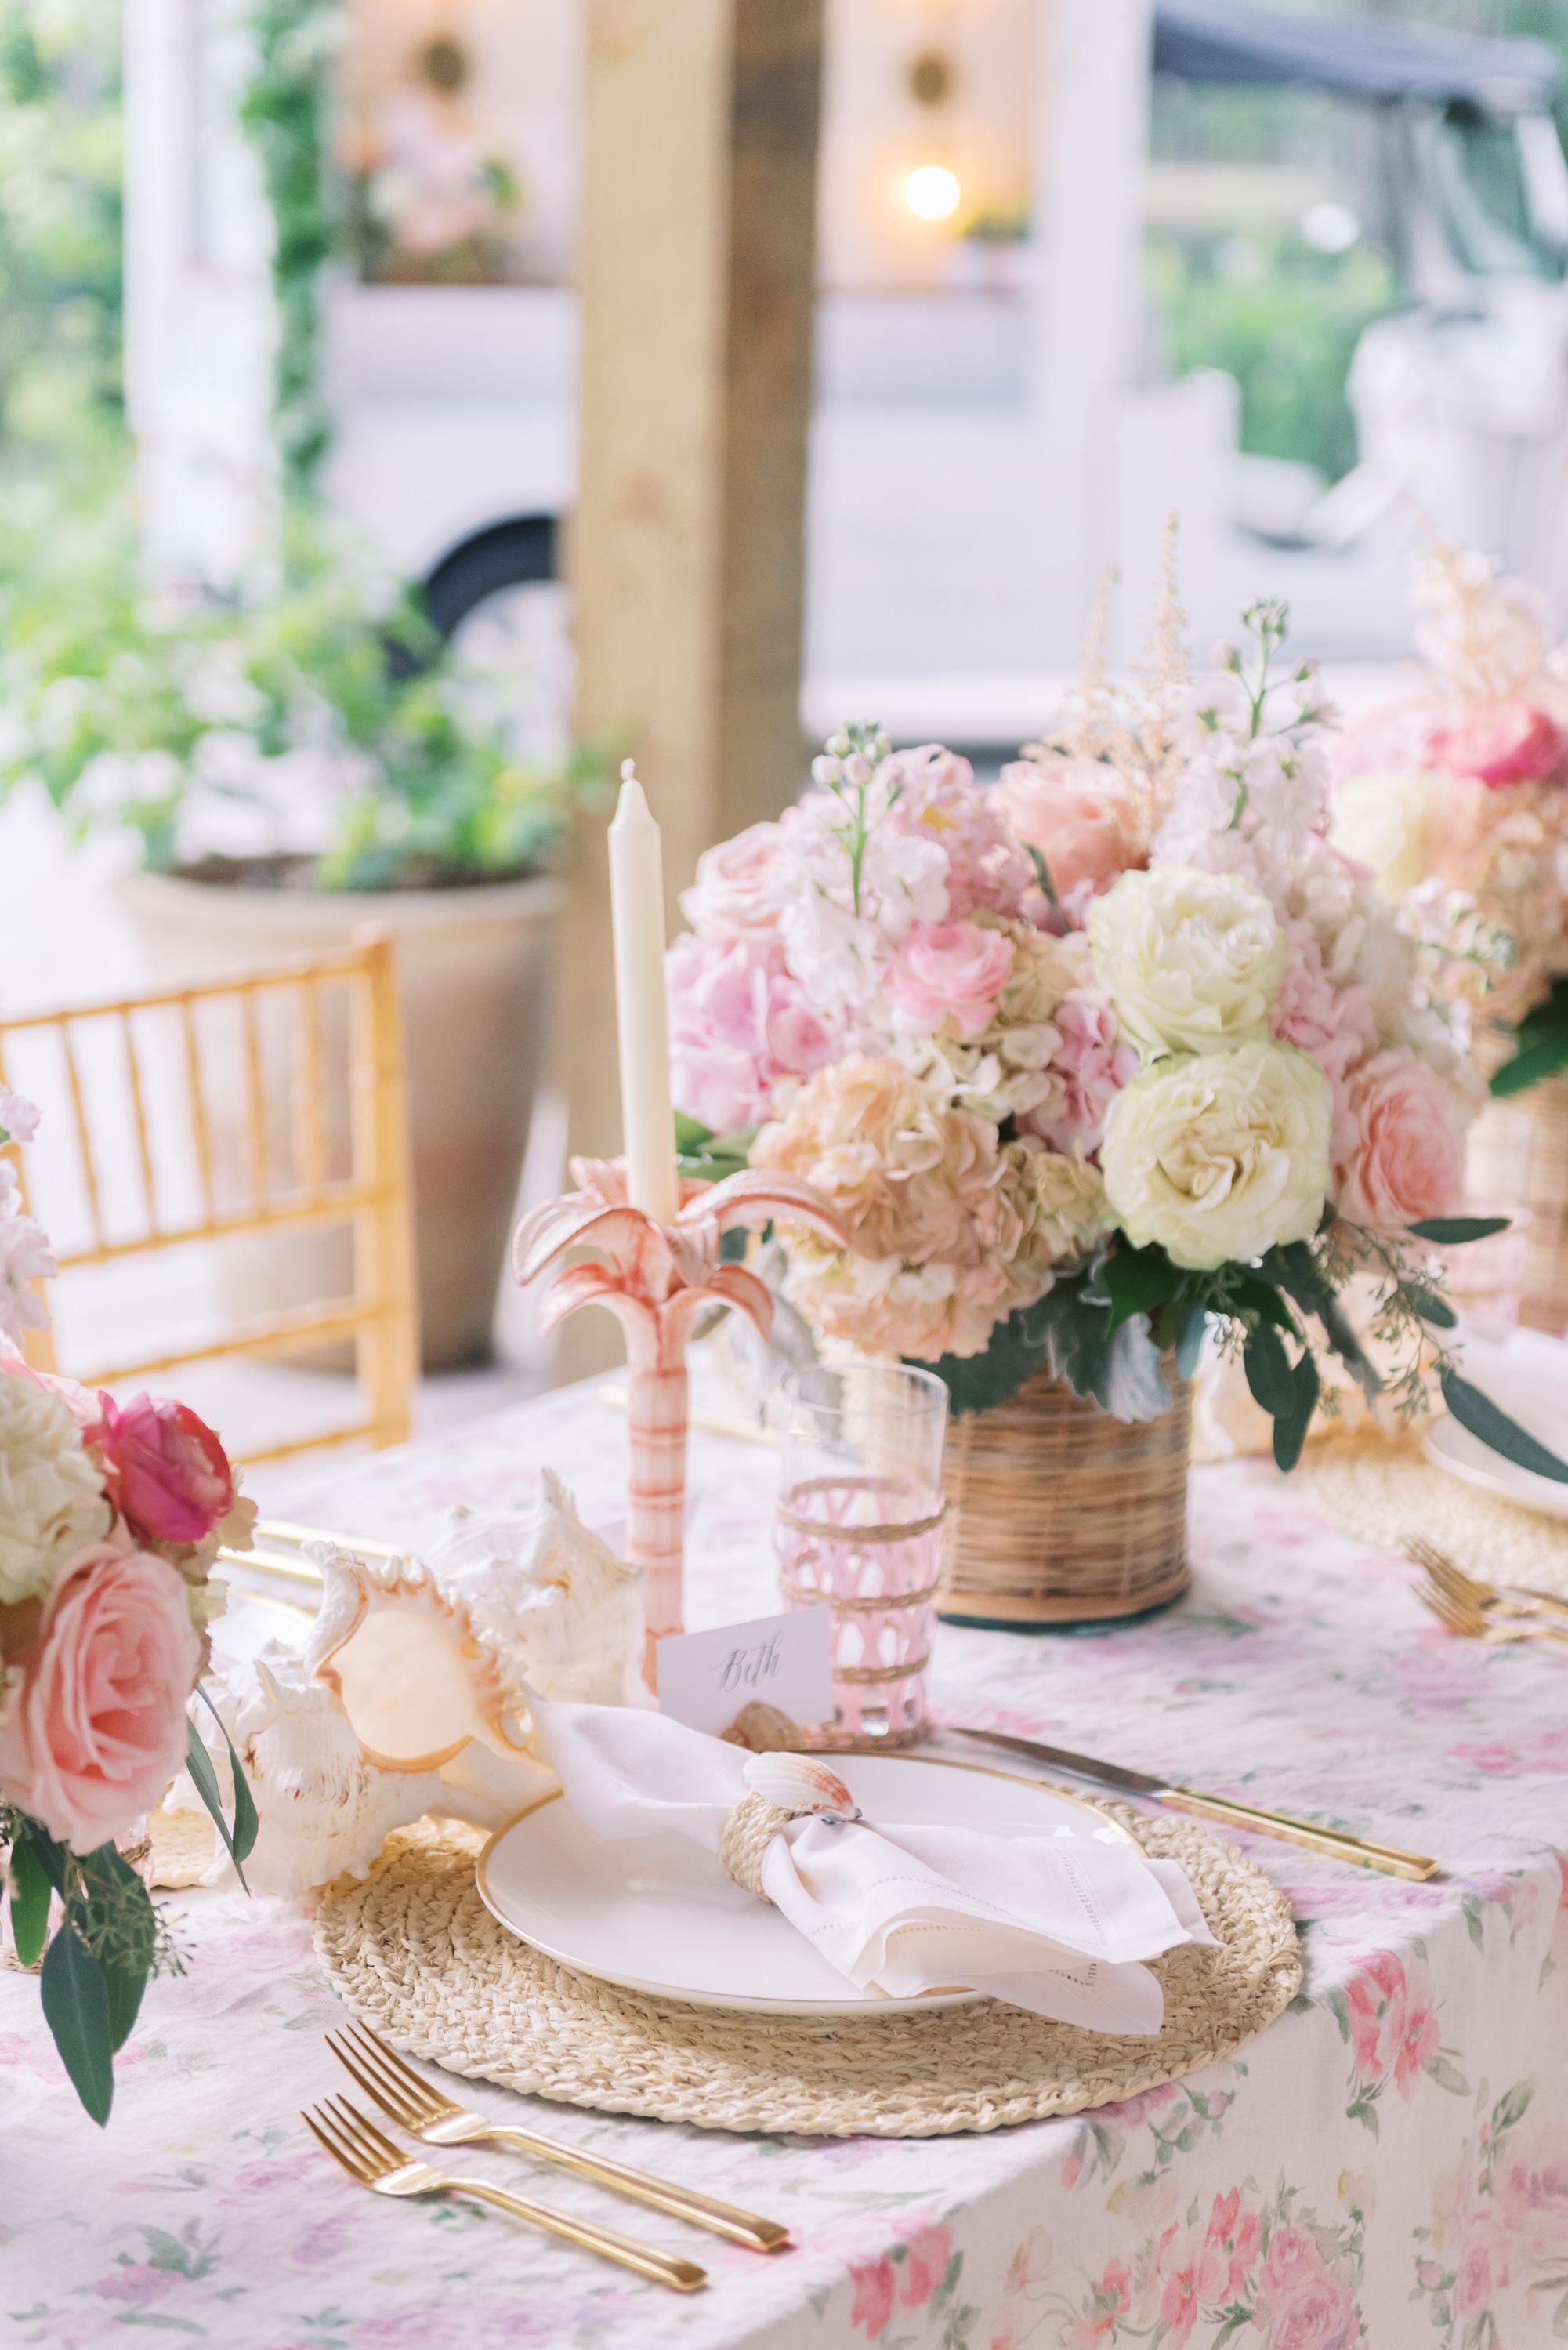 LoveShackFancy table linens